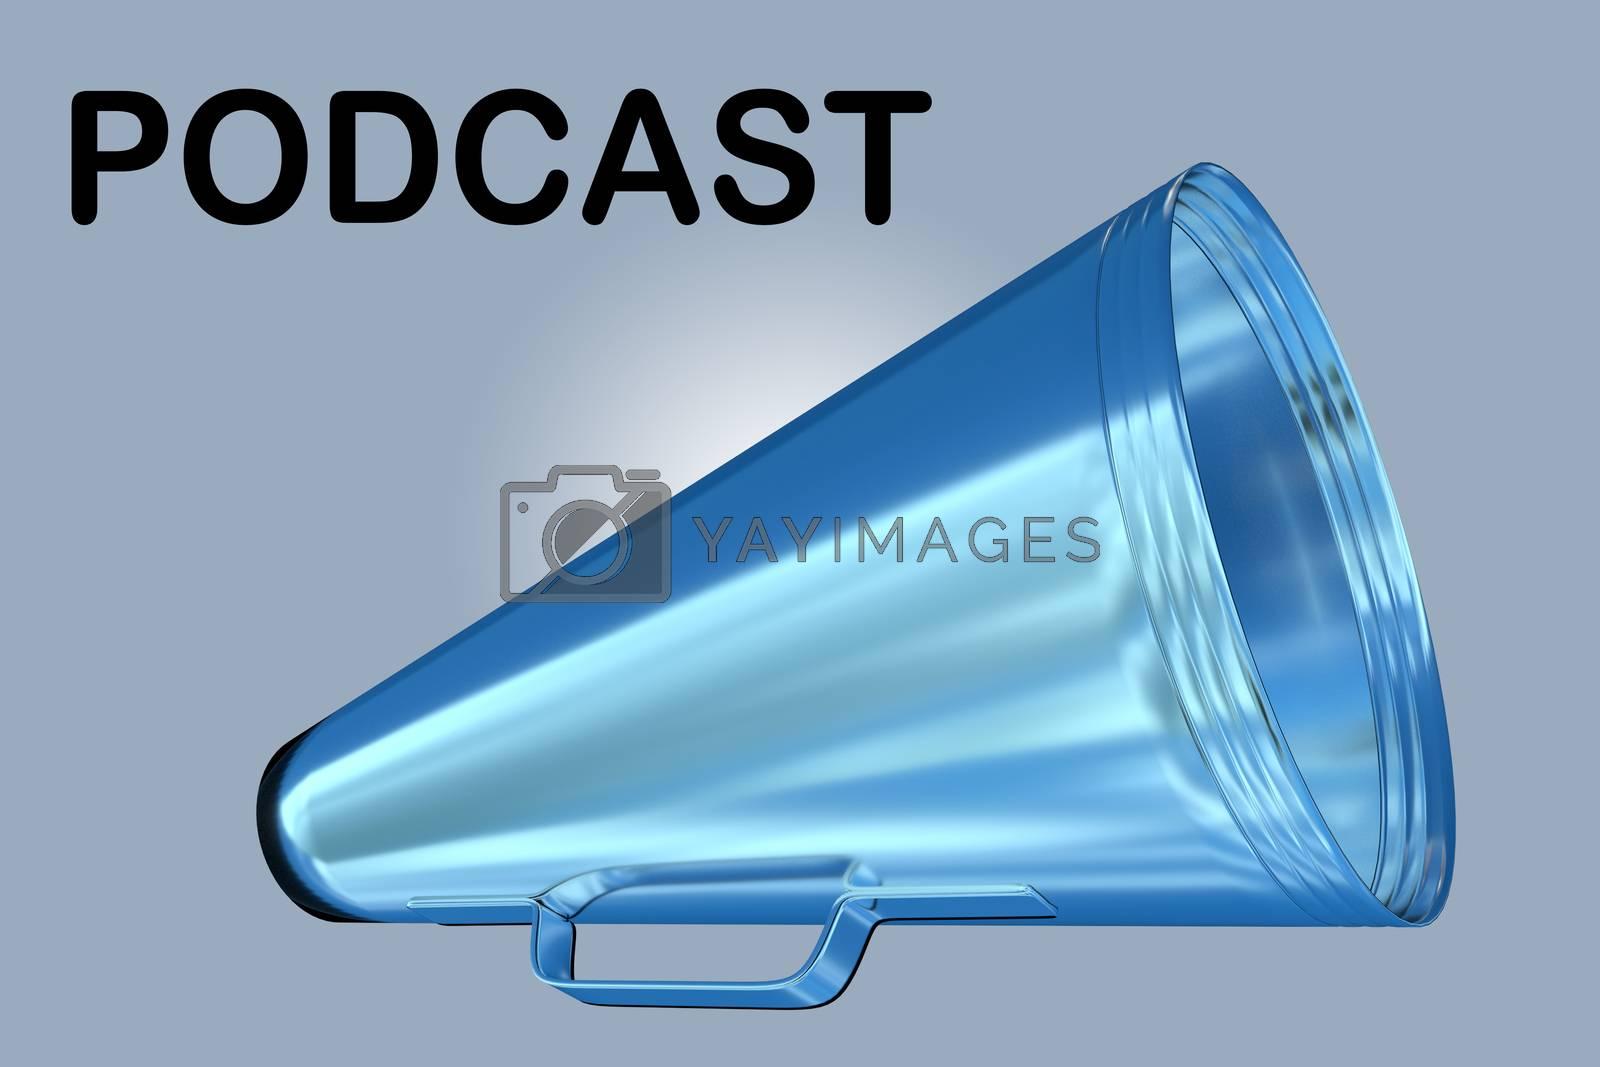 3D illustration PODCAST title above a loudspeaker